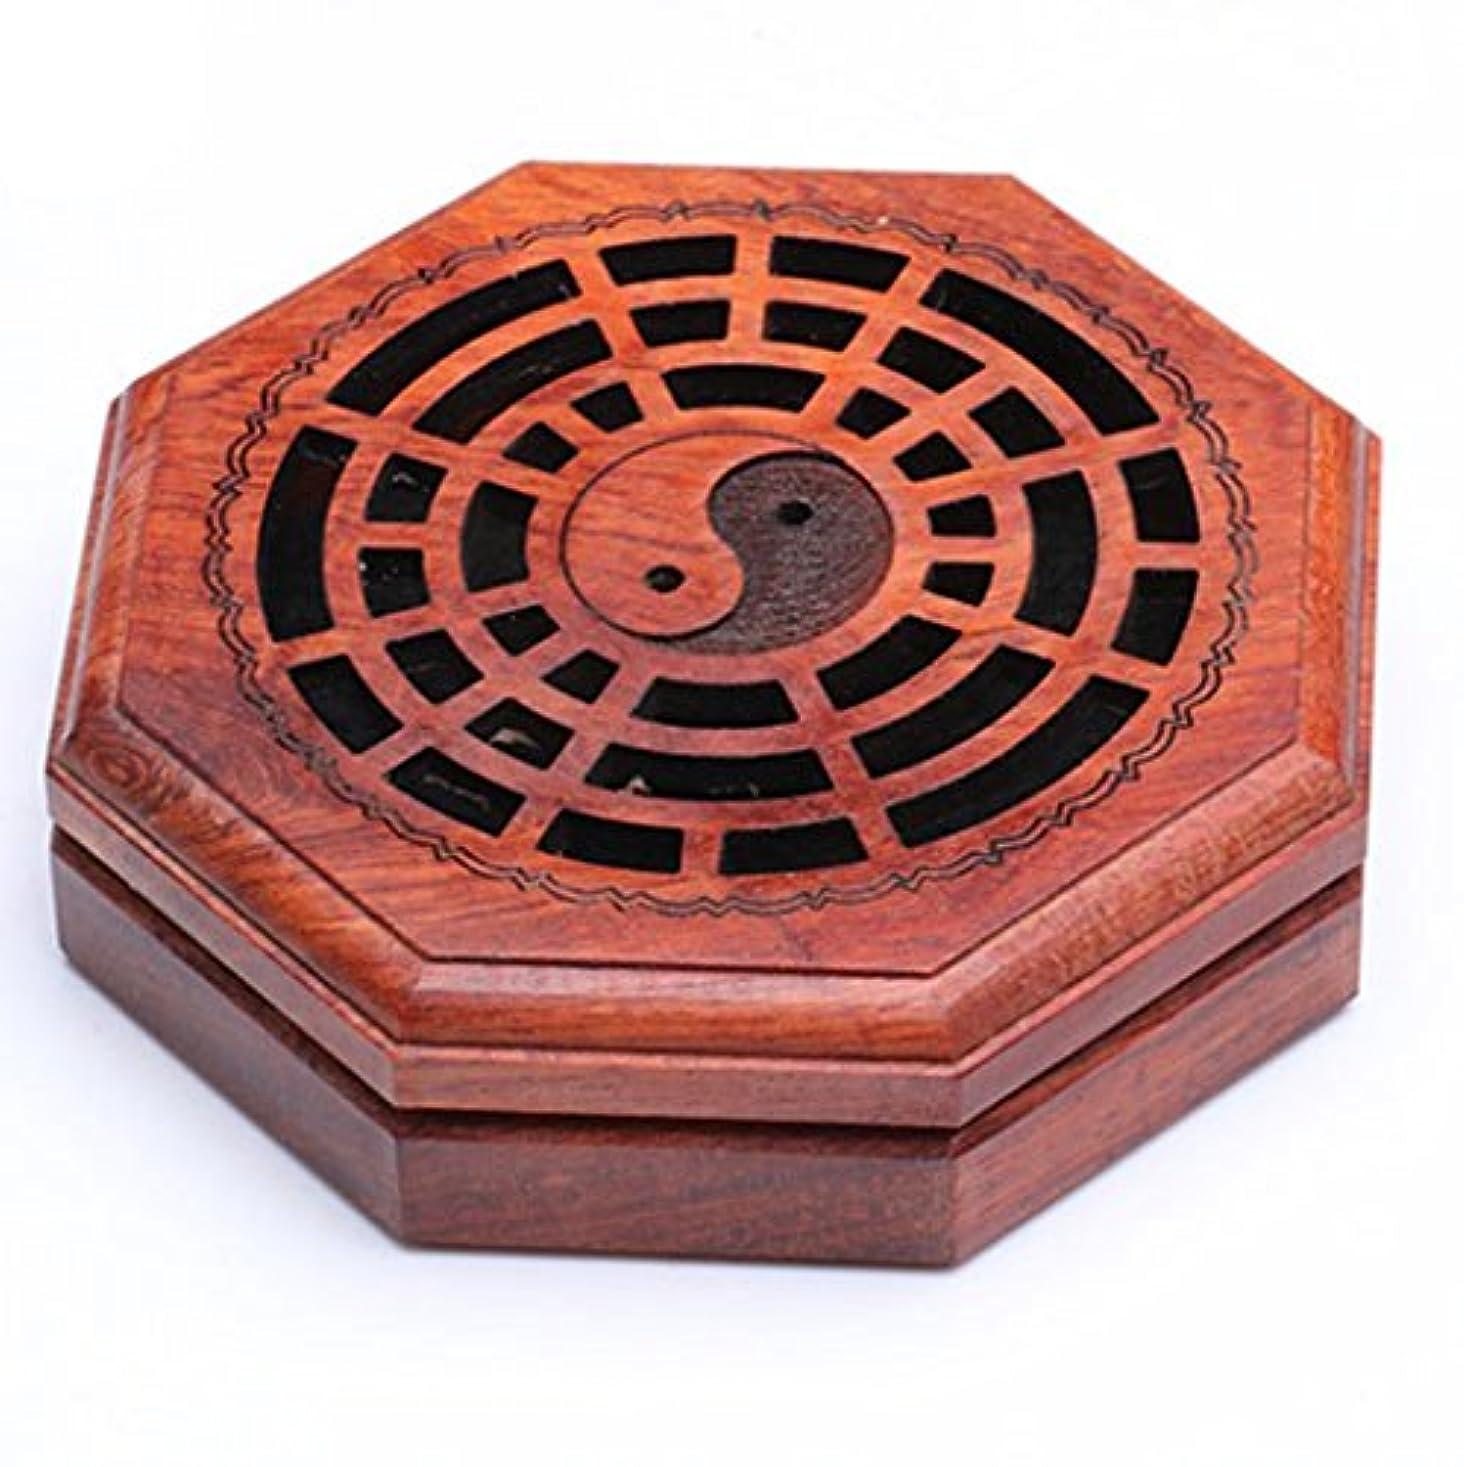 ドアミラーはいインフラ(ラシューバー) Lasuiveur 香炉 線香立て 香立て 職人さんの手作り 茶道用品 おしゃれ  木製 透かし彫り